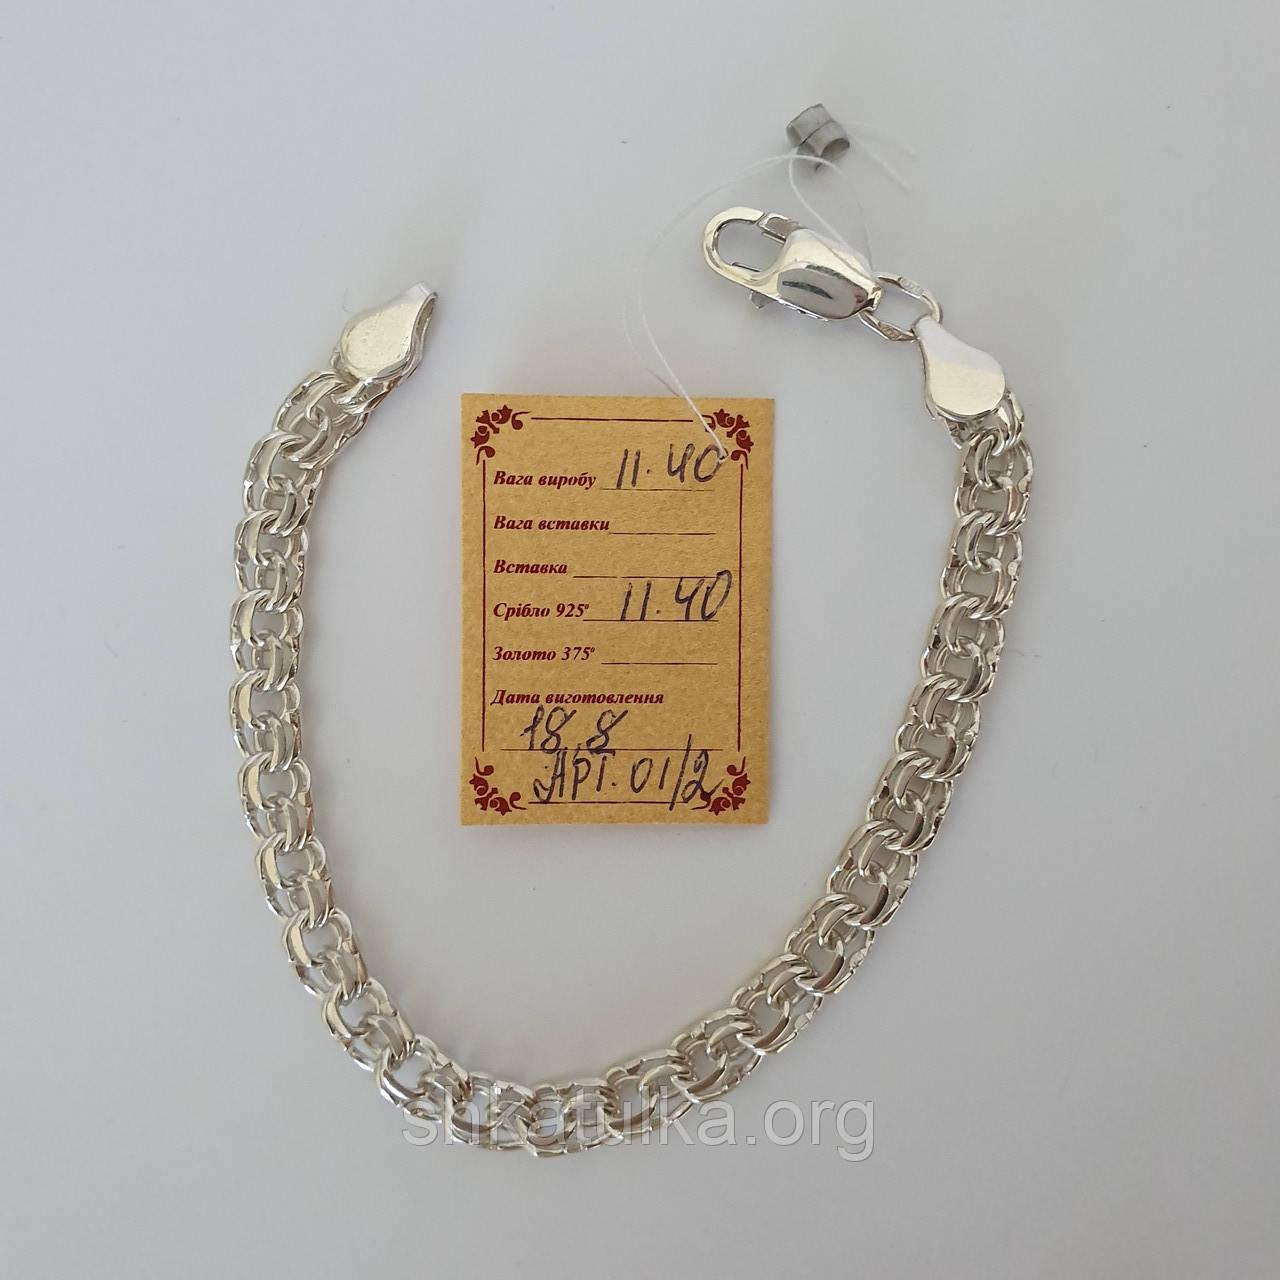 Срібний браслет з плетінням Бісмарк